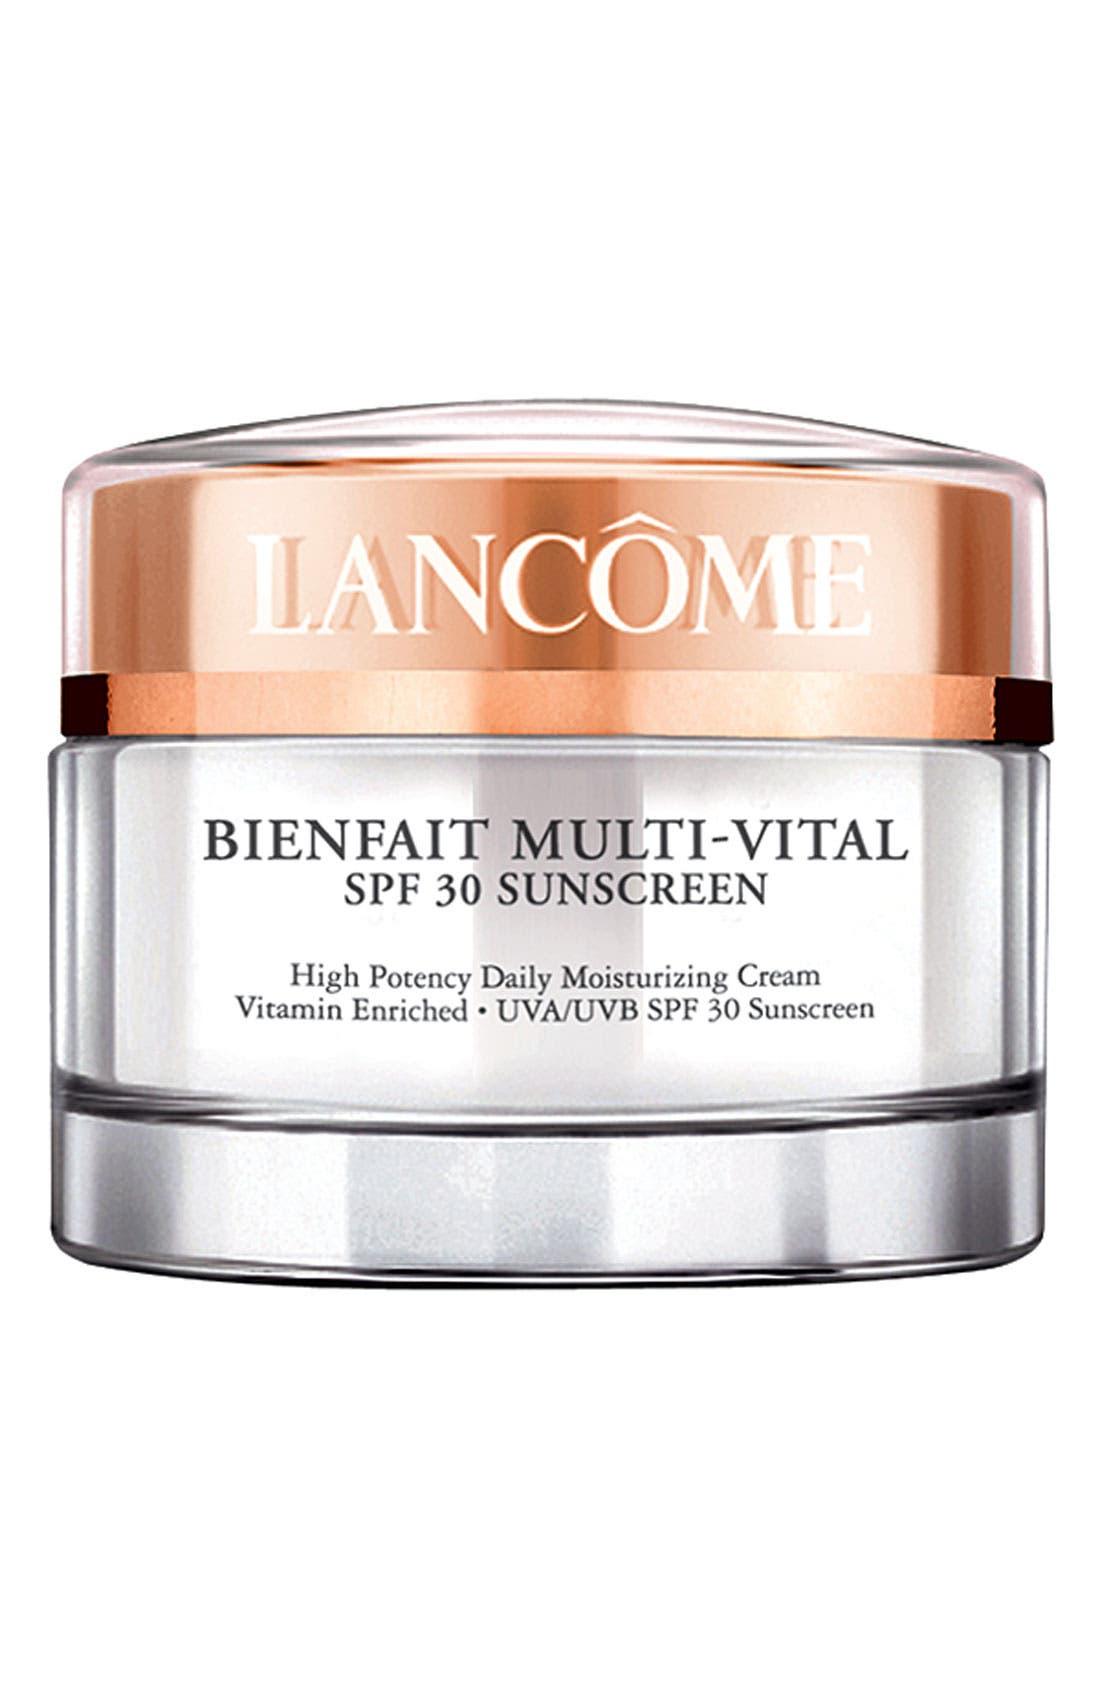 LANCÔME,                             Bienfait Multi-Vital SPF 30 Sunscreen Cream,                             Main thumbnail 1, color,                             NO COLOR